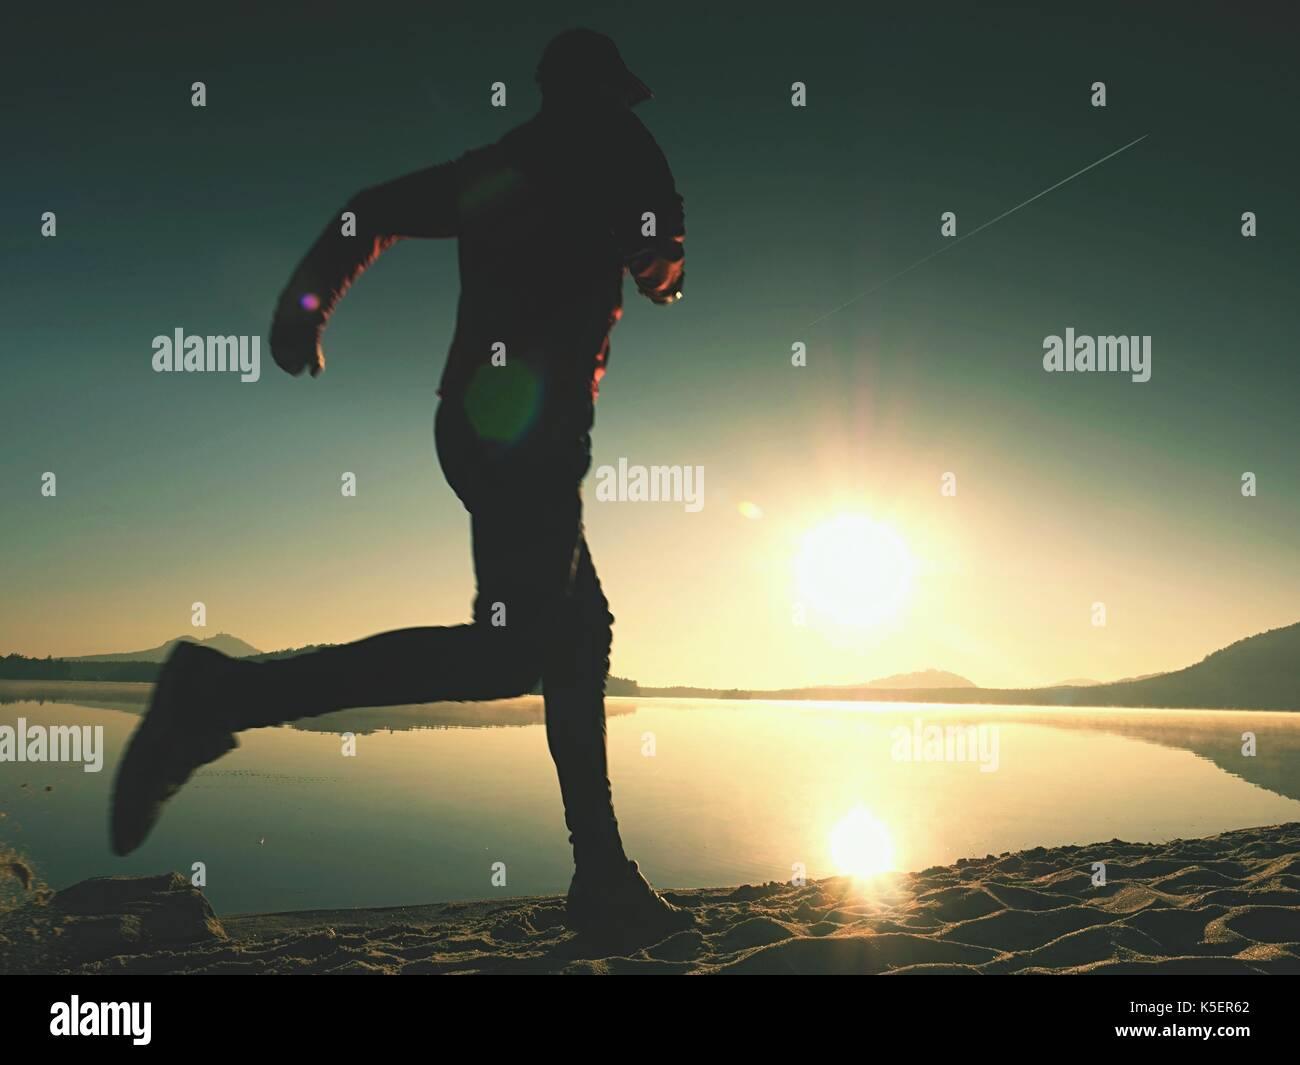 Hombre corriendo. boy corriendo rápidamente en la mañana playa. deportista runner, trotar guy durante el amanecer por encima de playa Imagen De Stock